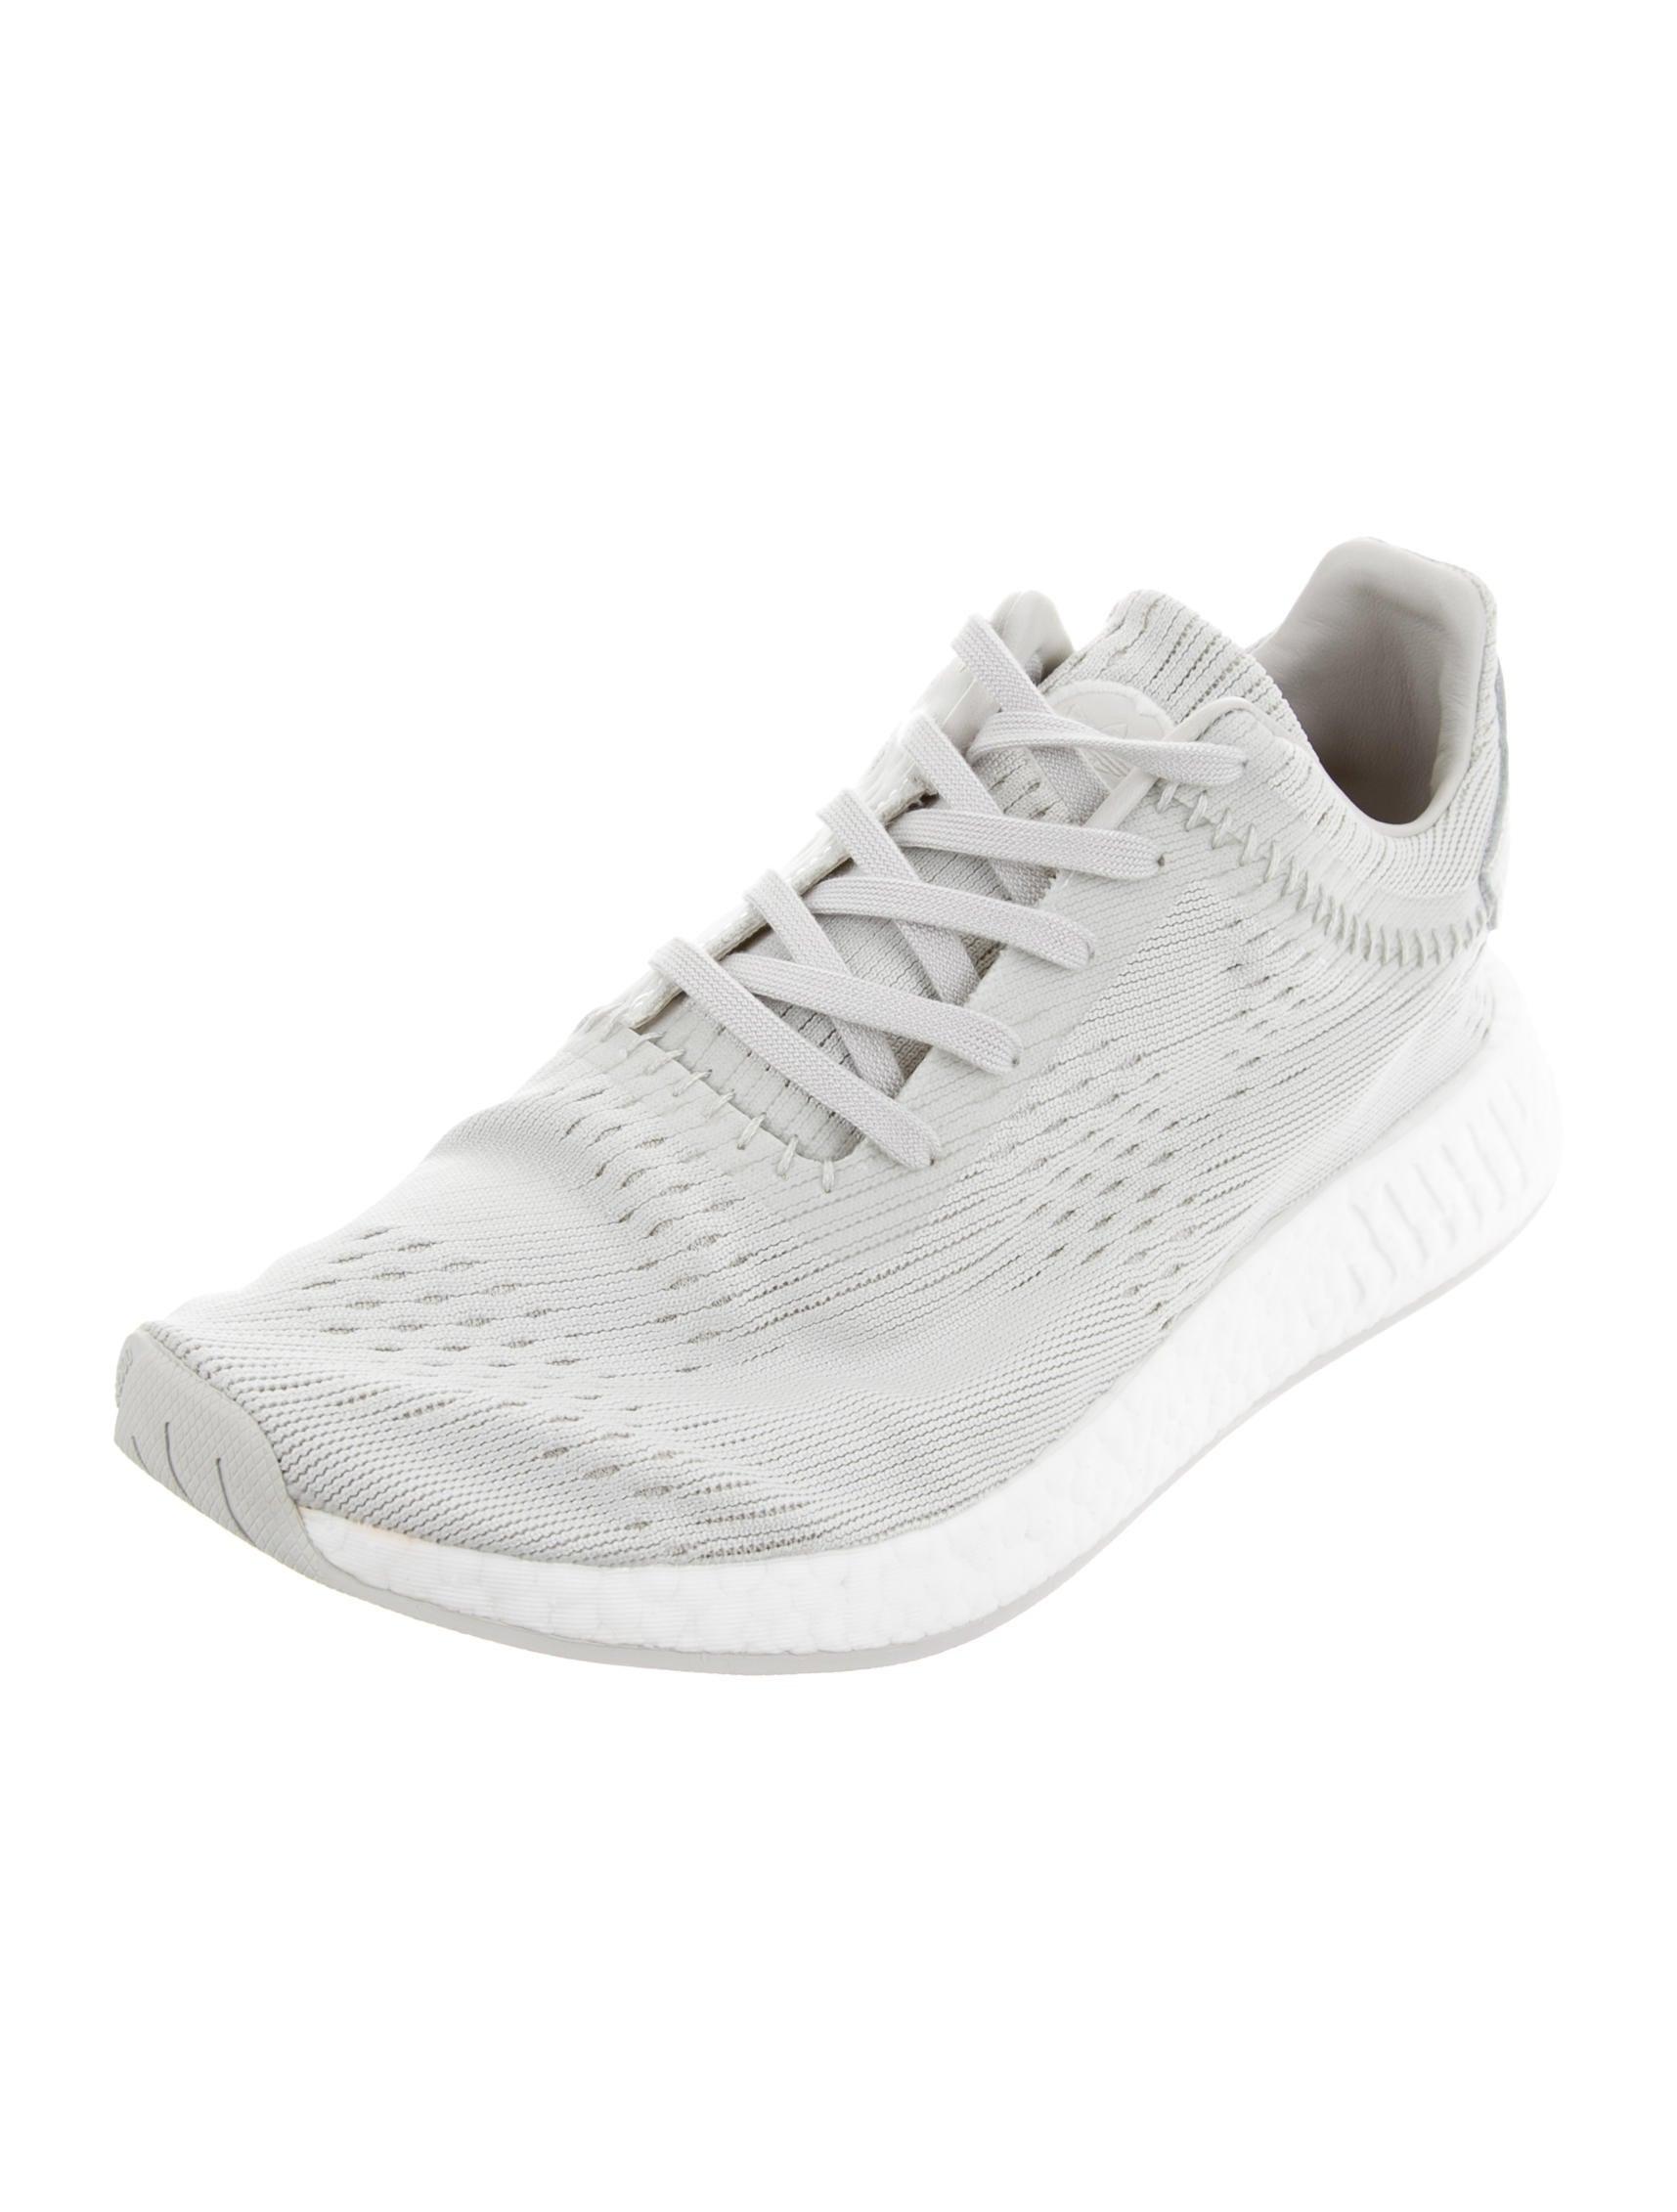 Adidas originali x ali + corna nmd r2 primo maglia scarpe w / tag